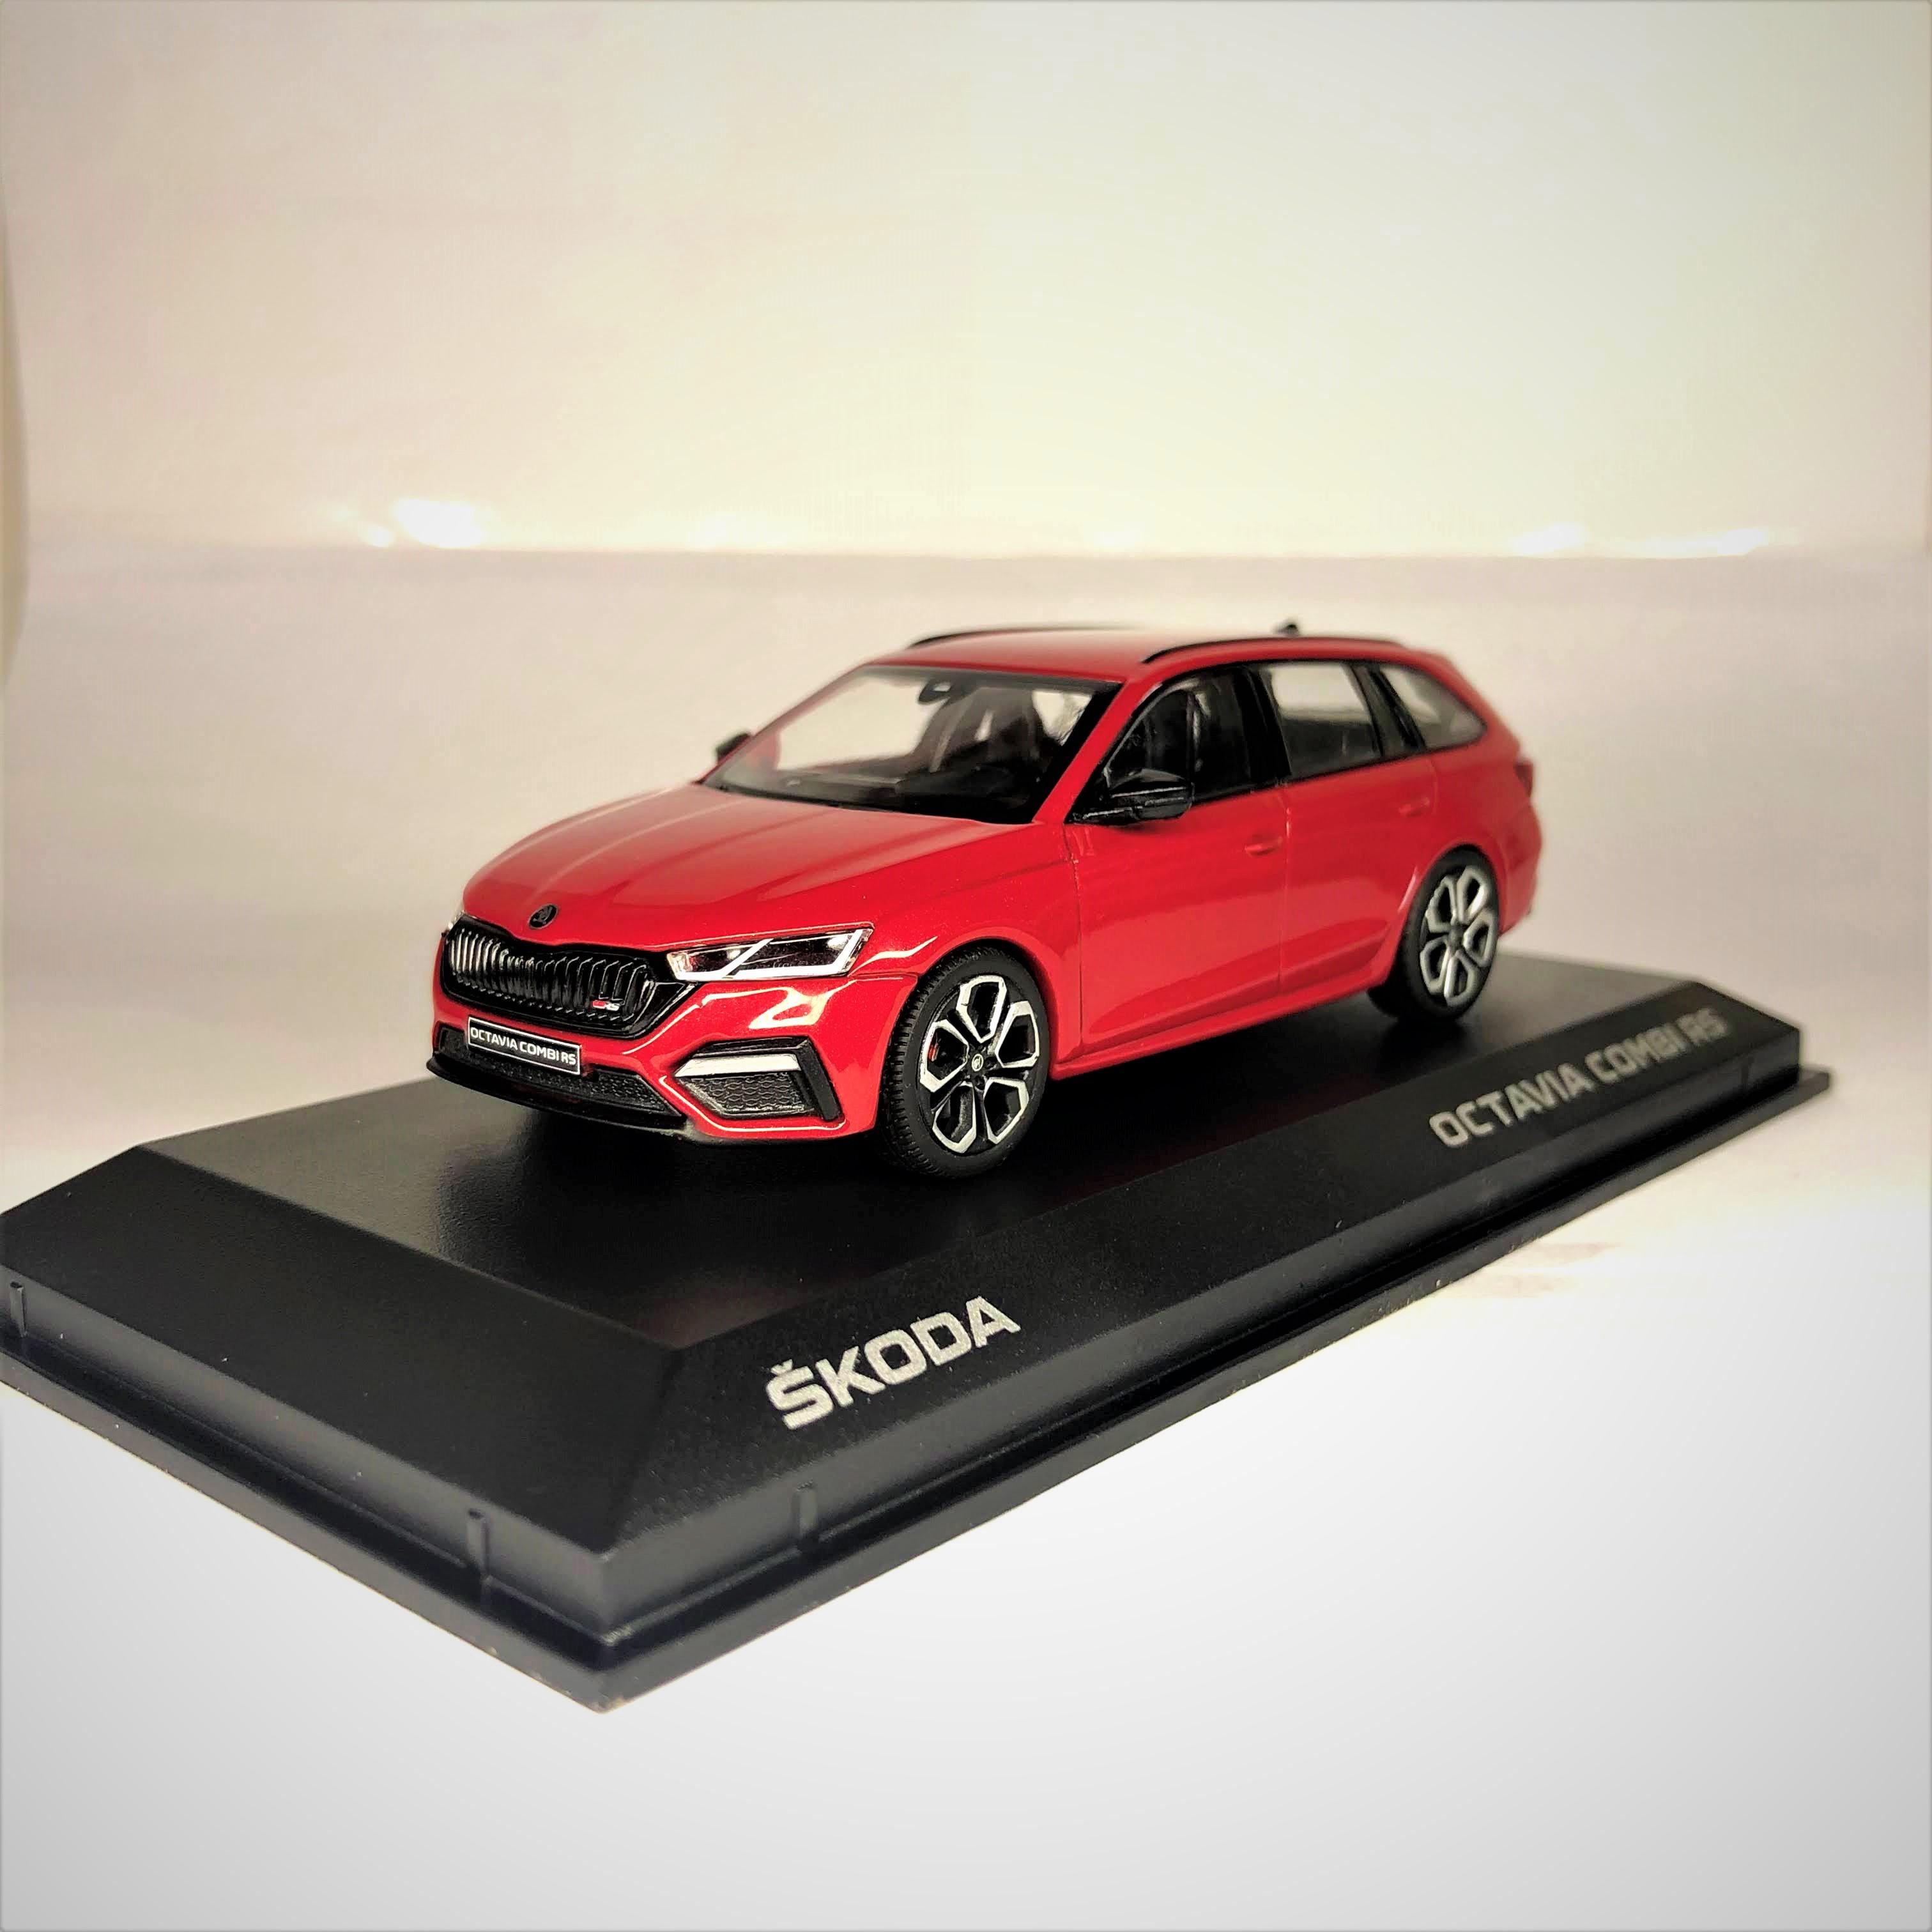 I Scale Skoda Octavia Iv A8 Rs Combi 1 43 Red Velvet 5e7099300a F3p 5e7099300af3p